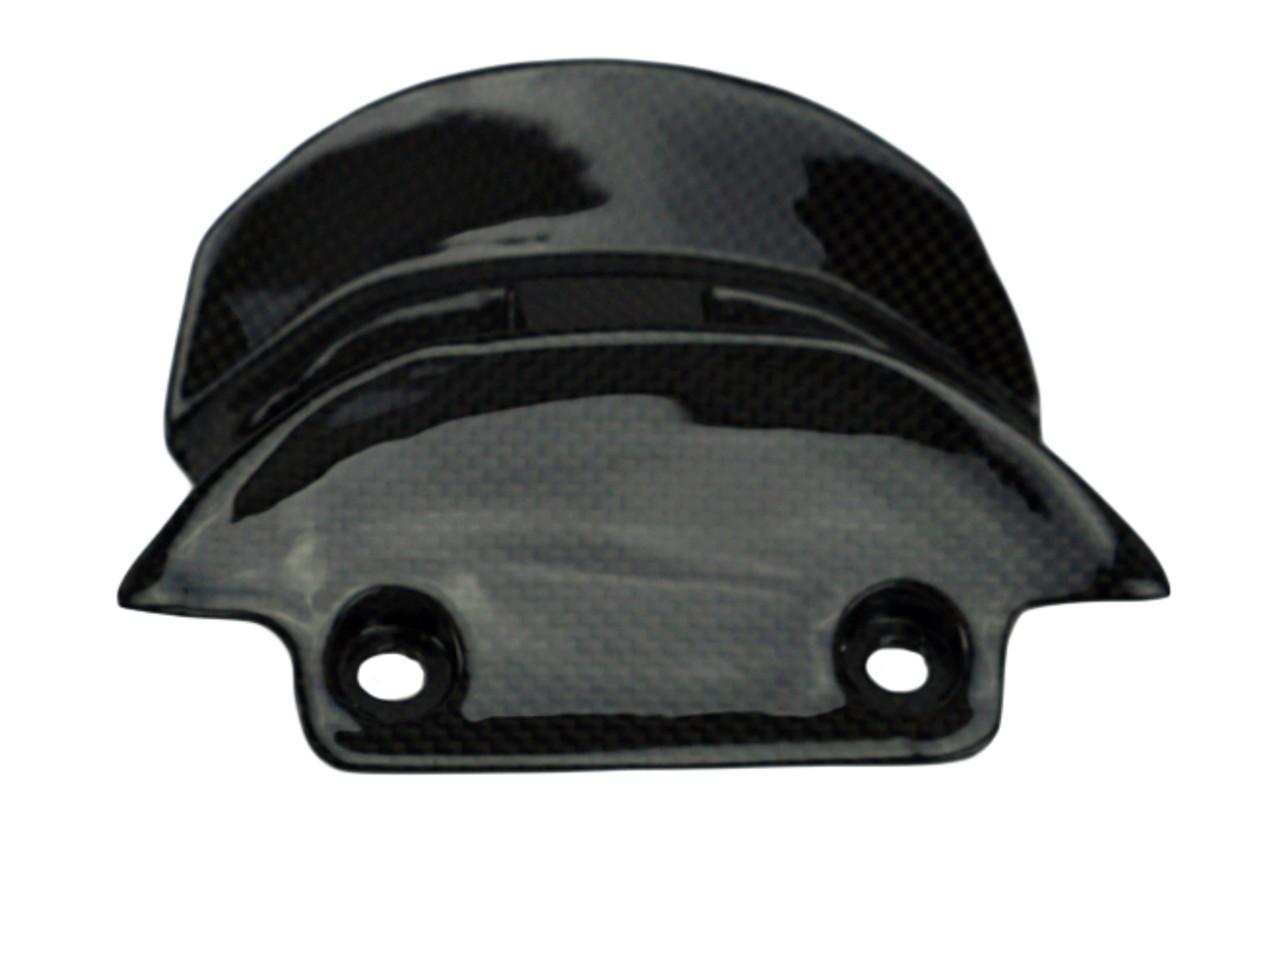 Rear Fairing in Glossy Plain Weave Carbon Fiber for Ducati XDiavel